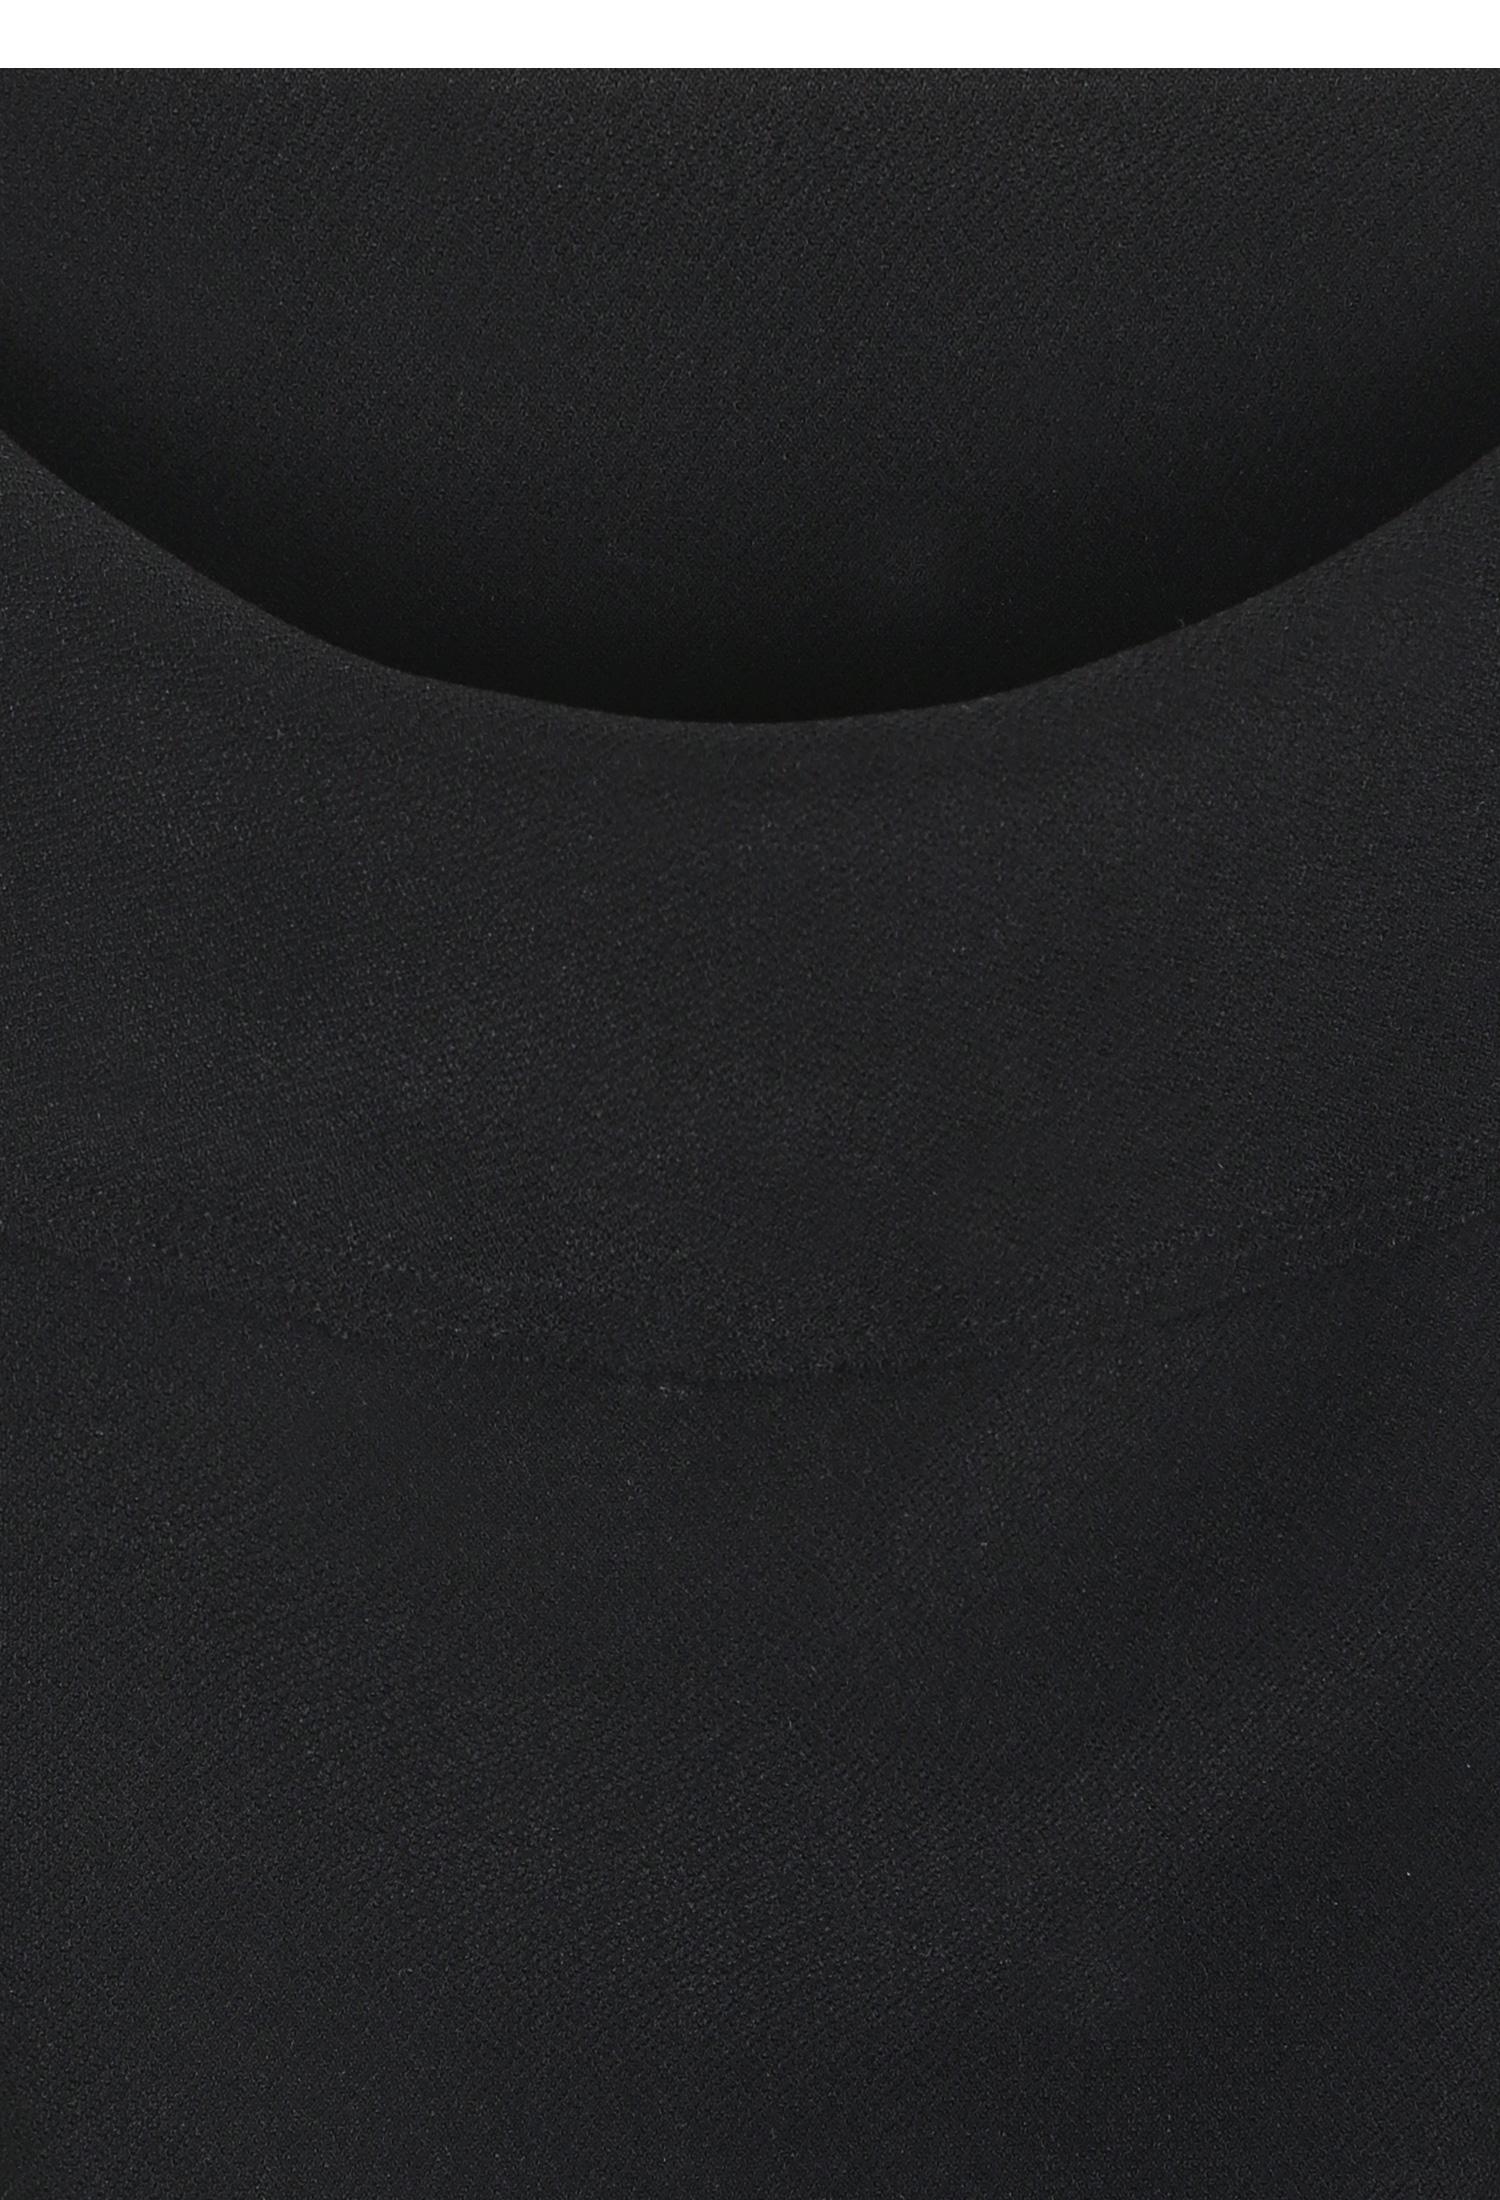 슬릿 레터링 배색 밴딩 스커트 (BLACK)